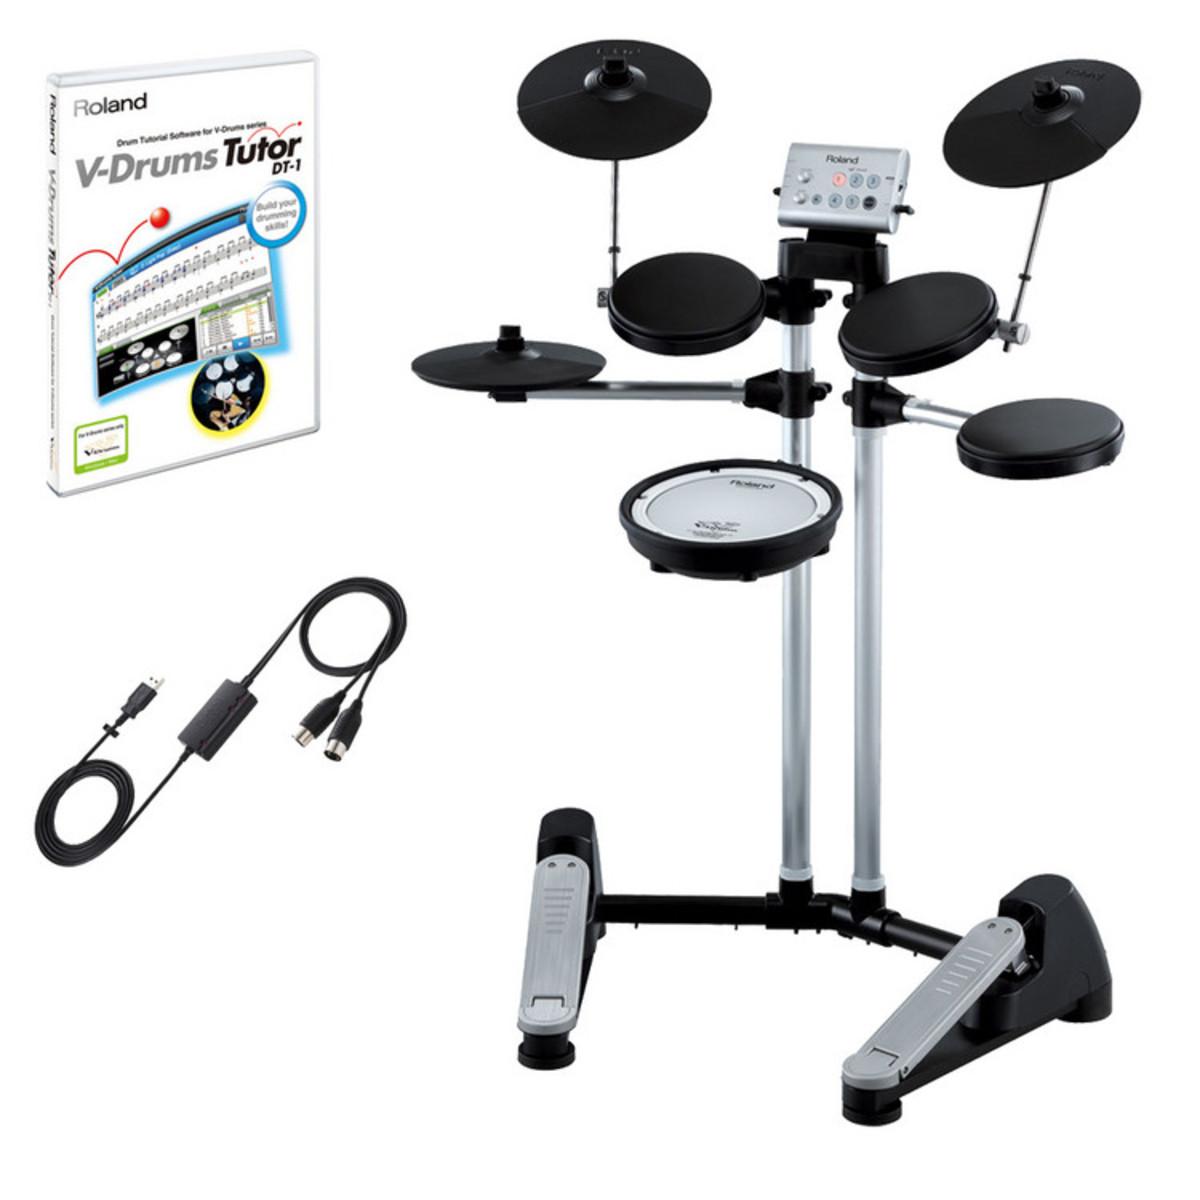 Roland dt 1 v drums tutor download venturesstaff.